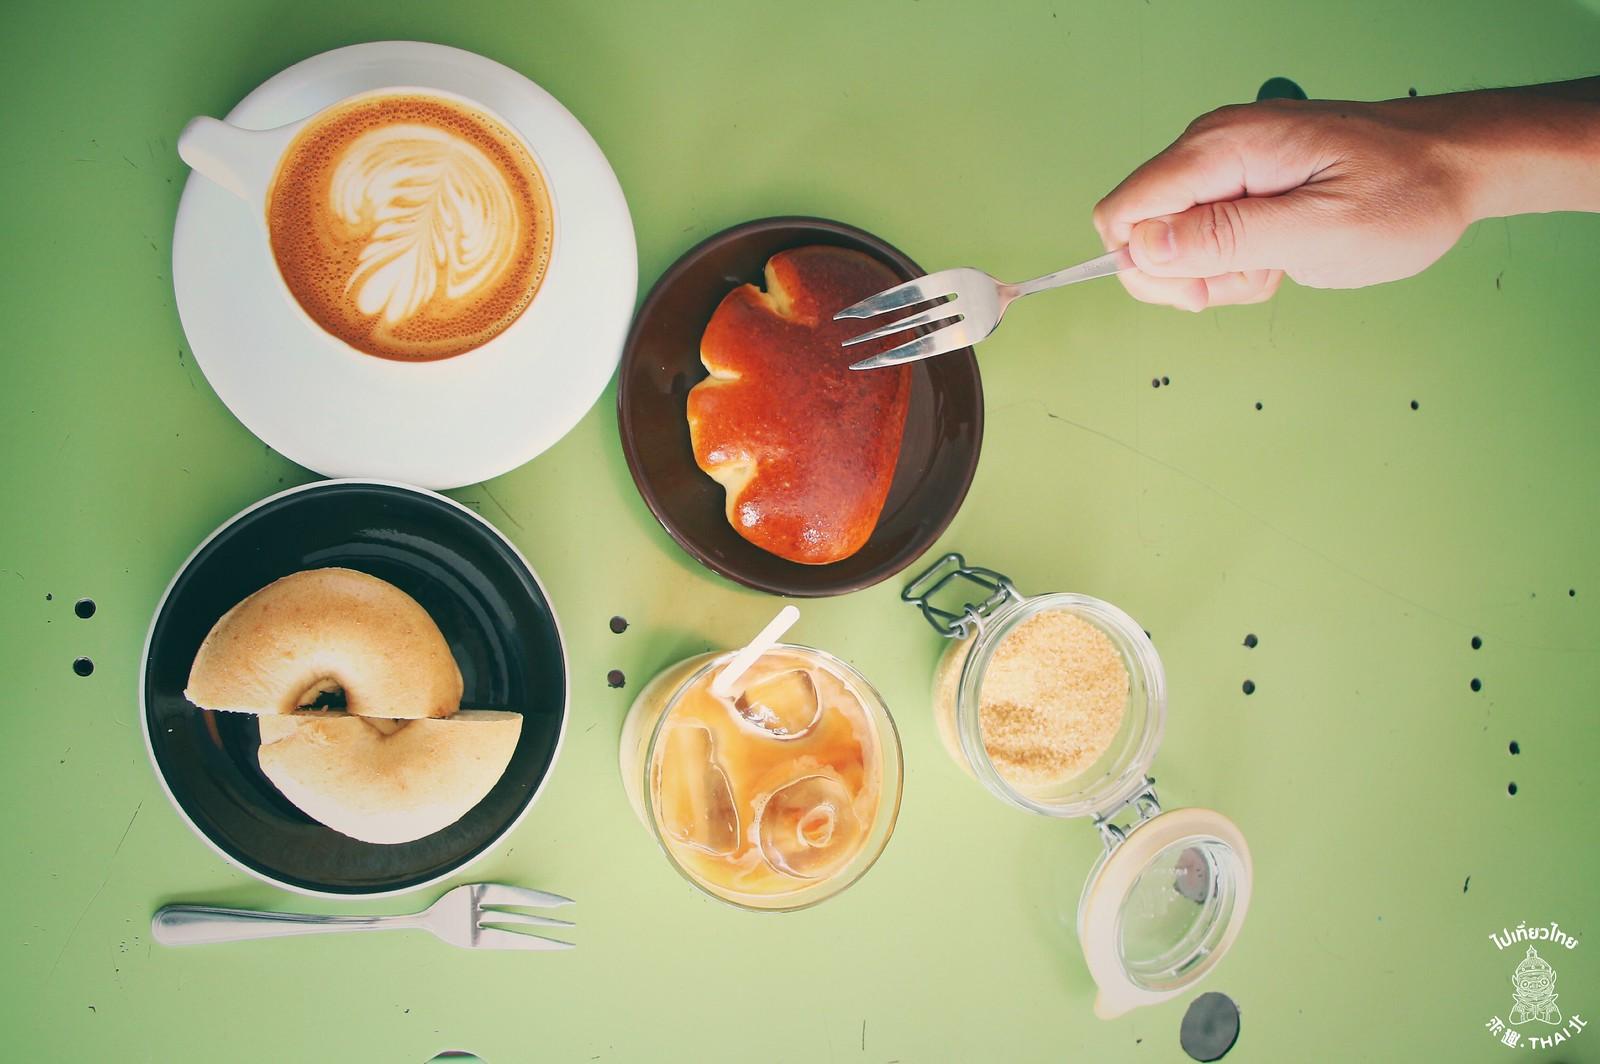 泰日聯姻文青咖啡《Khageeขจี》